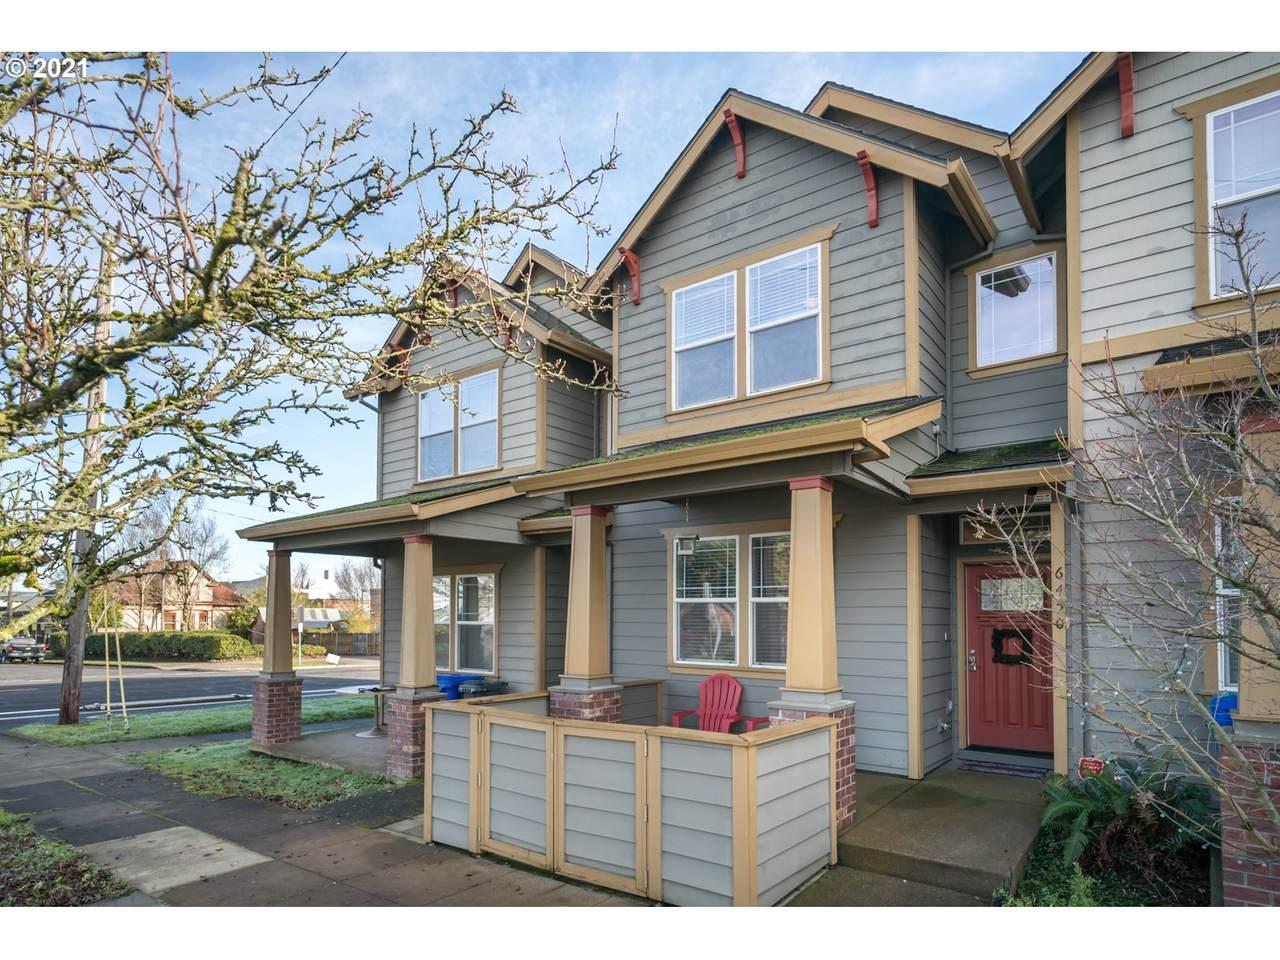 6450 Garfield Ave - Photo 1